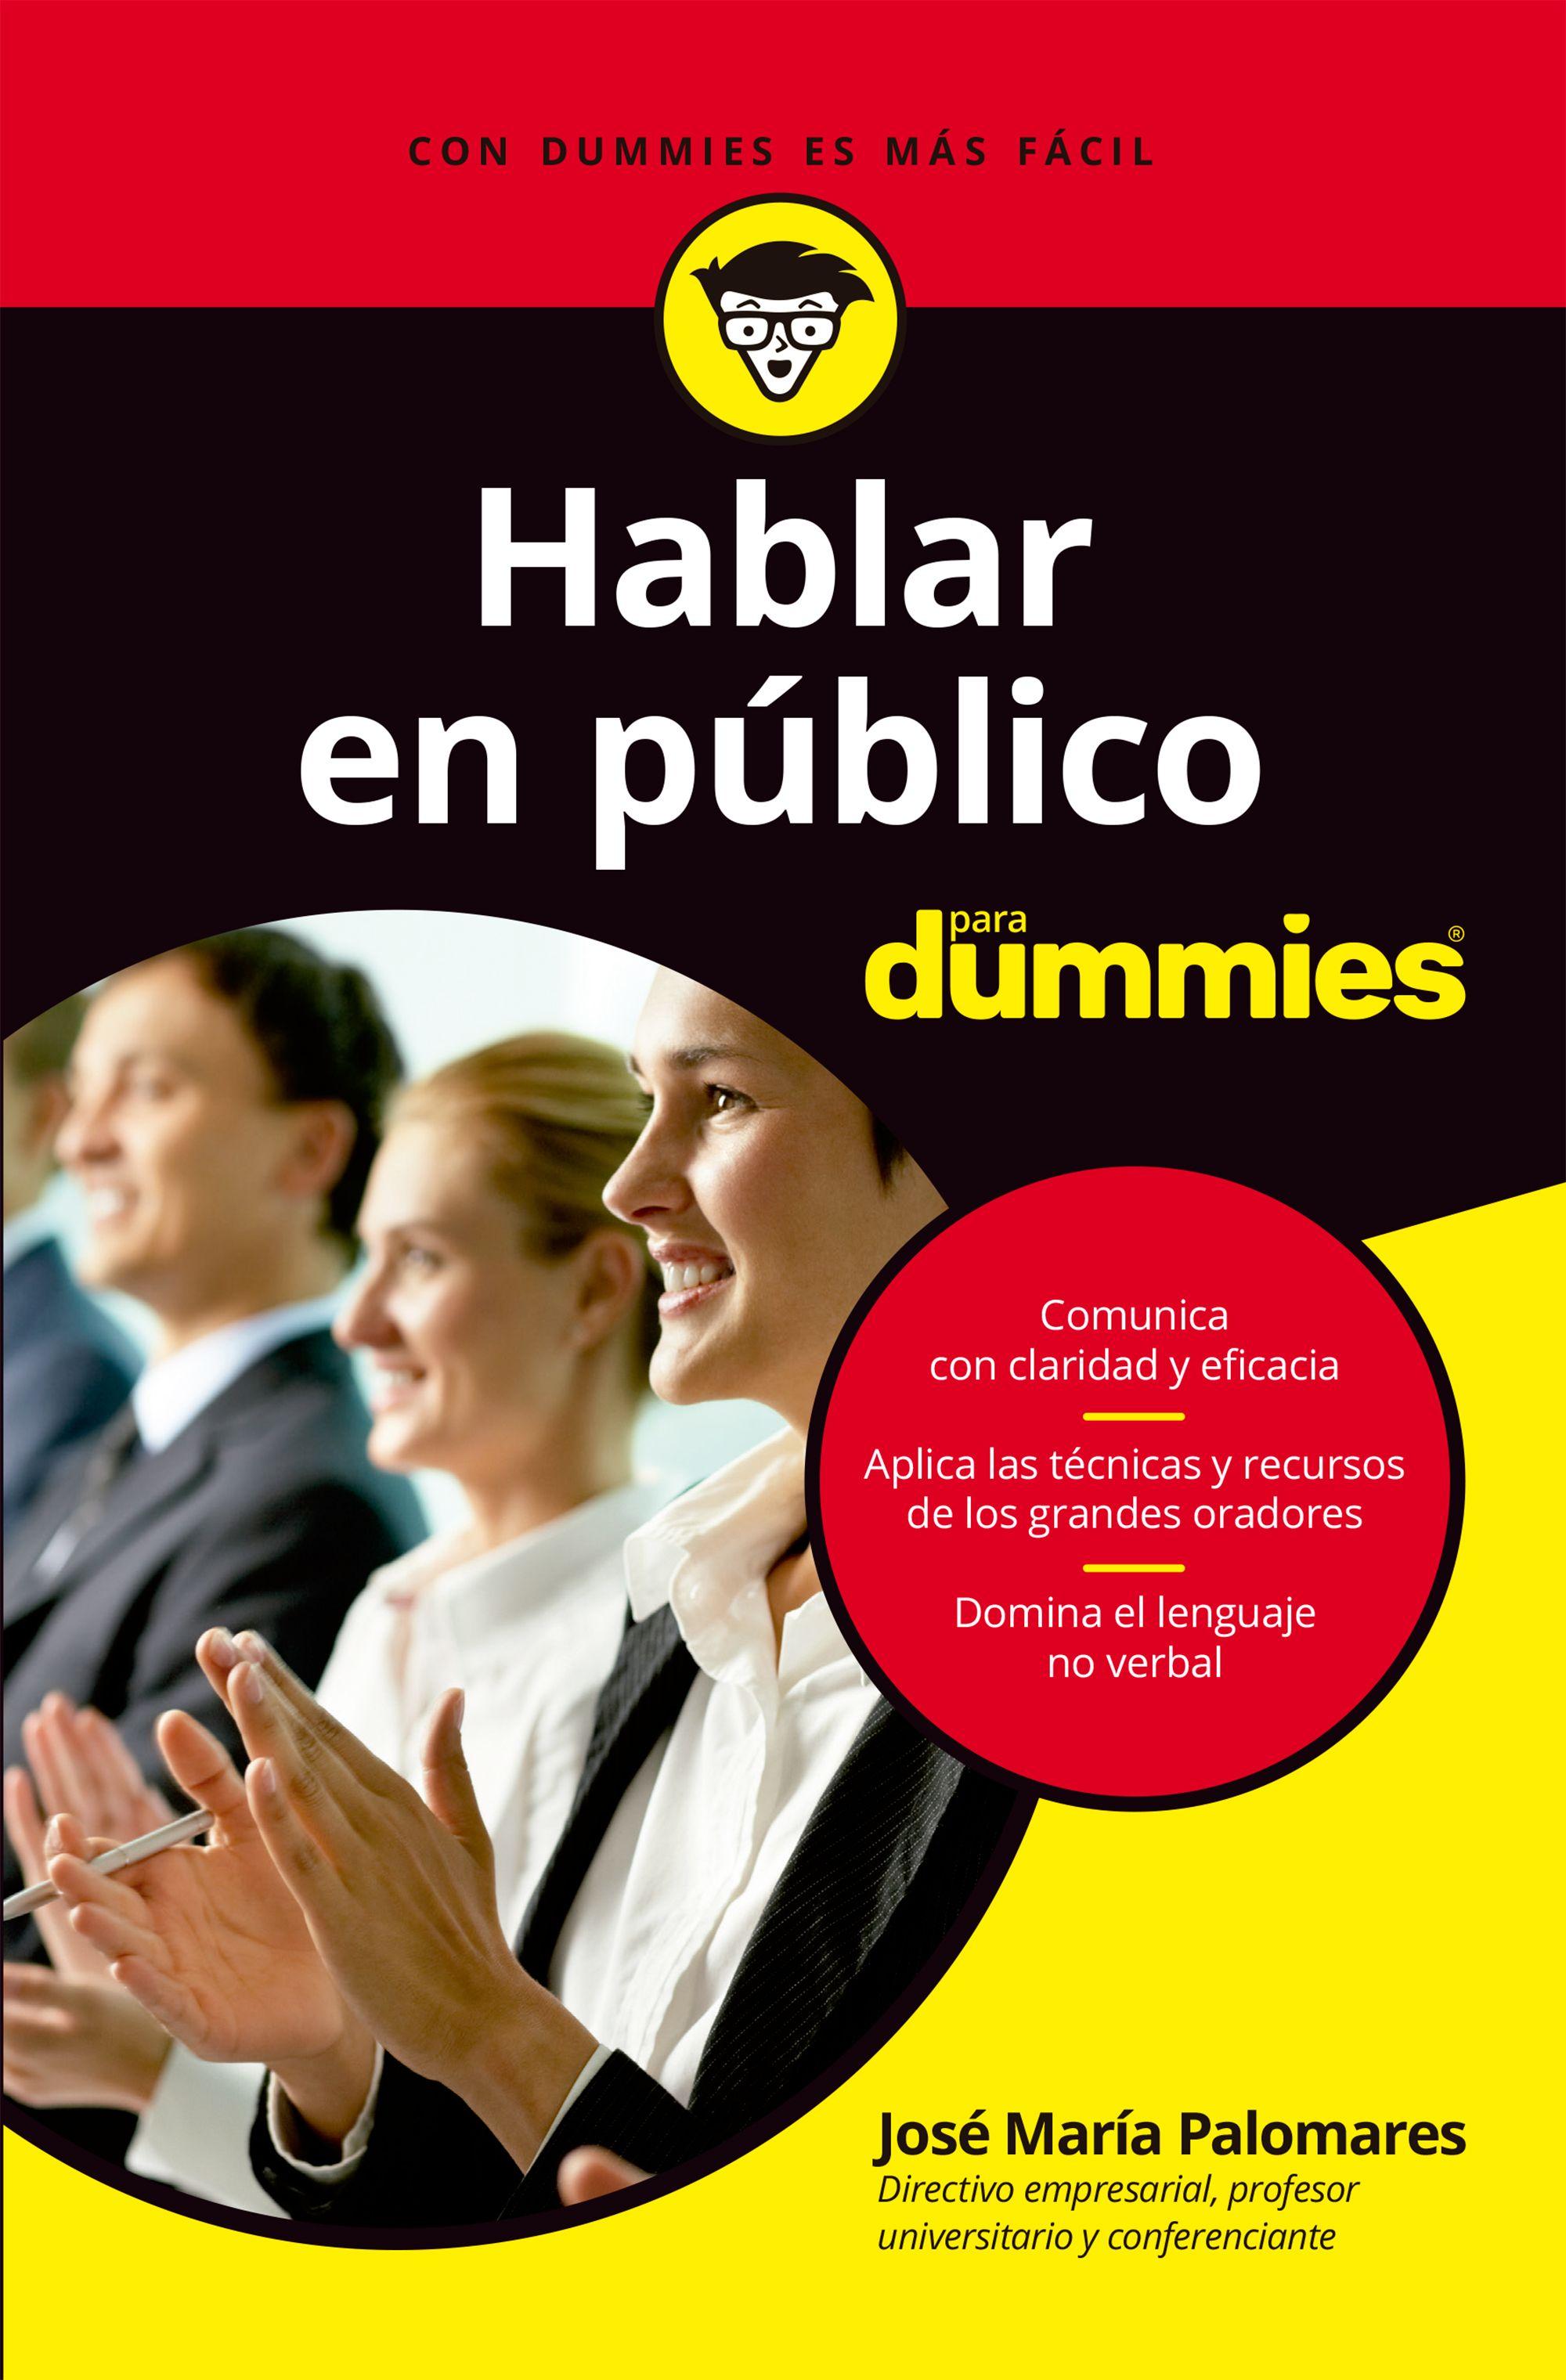 Hablar en Público Para Dummies - José María Palomares - Para Dummies Colombia